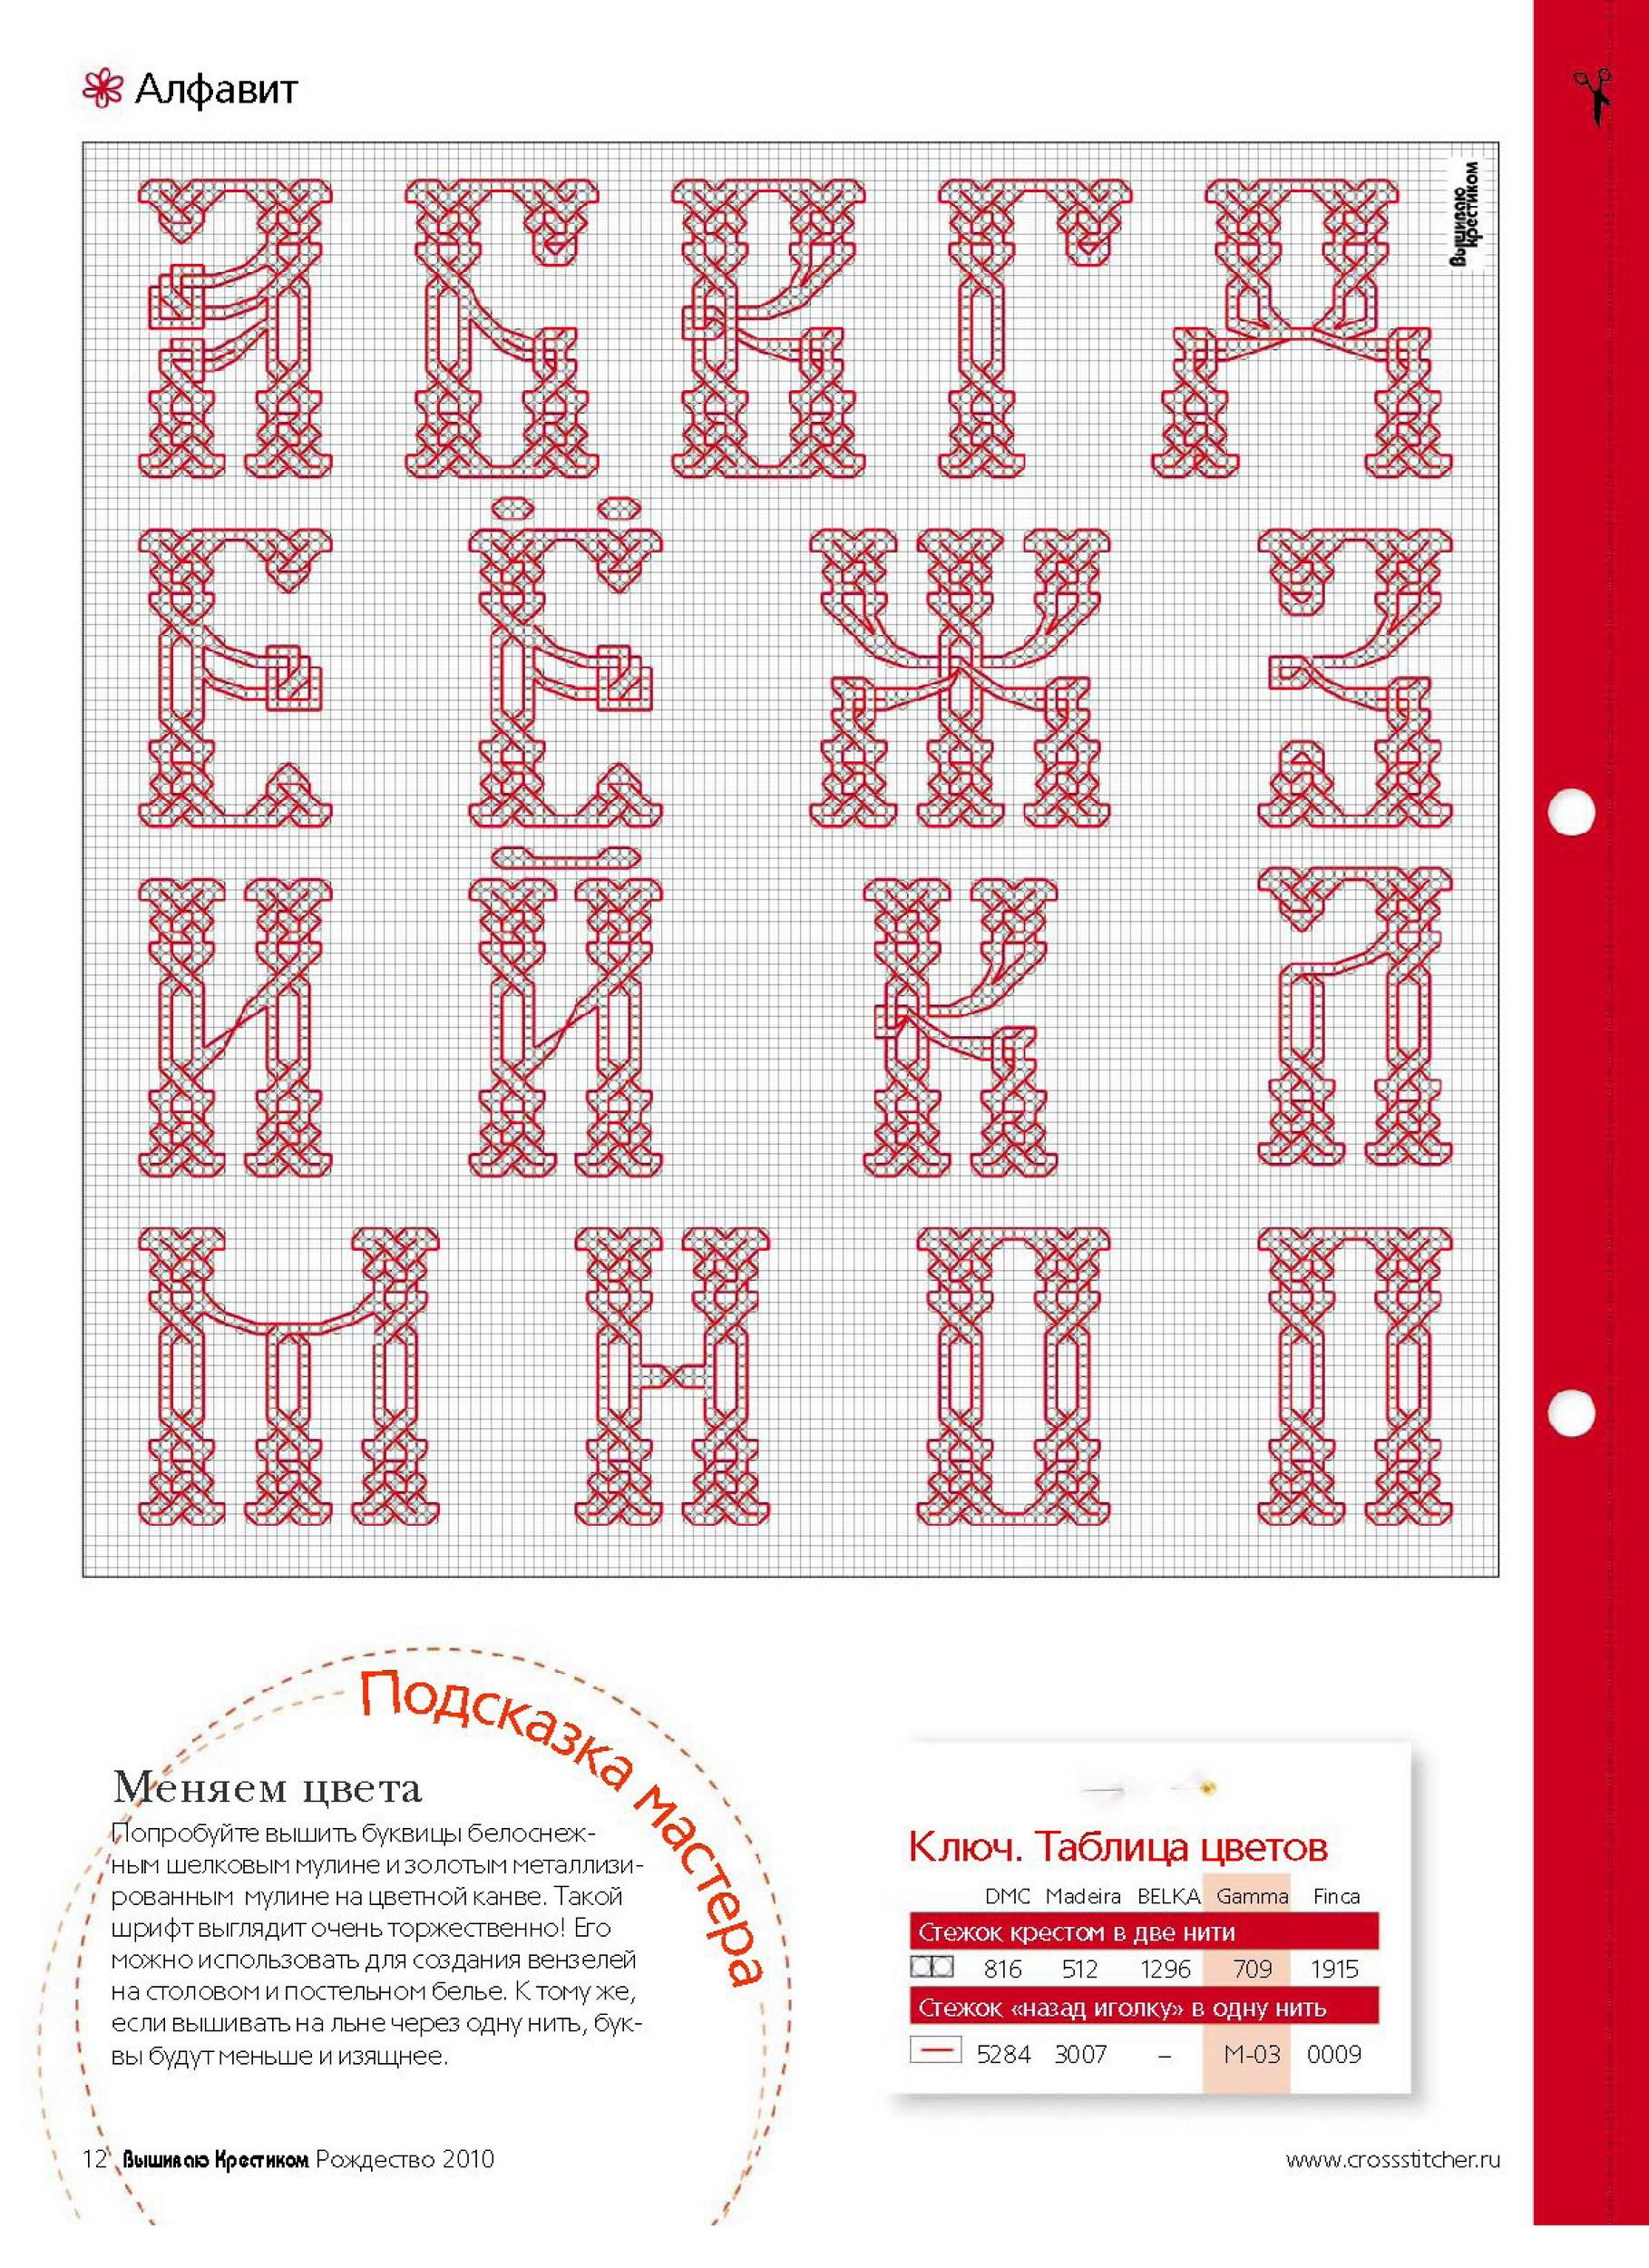 Алфавит и его схема